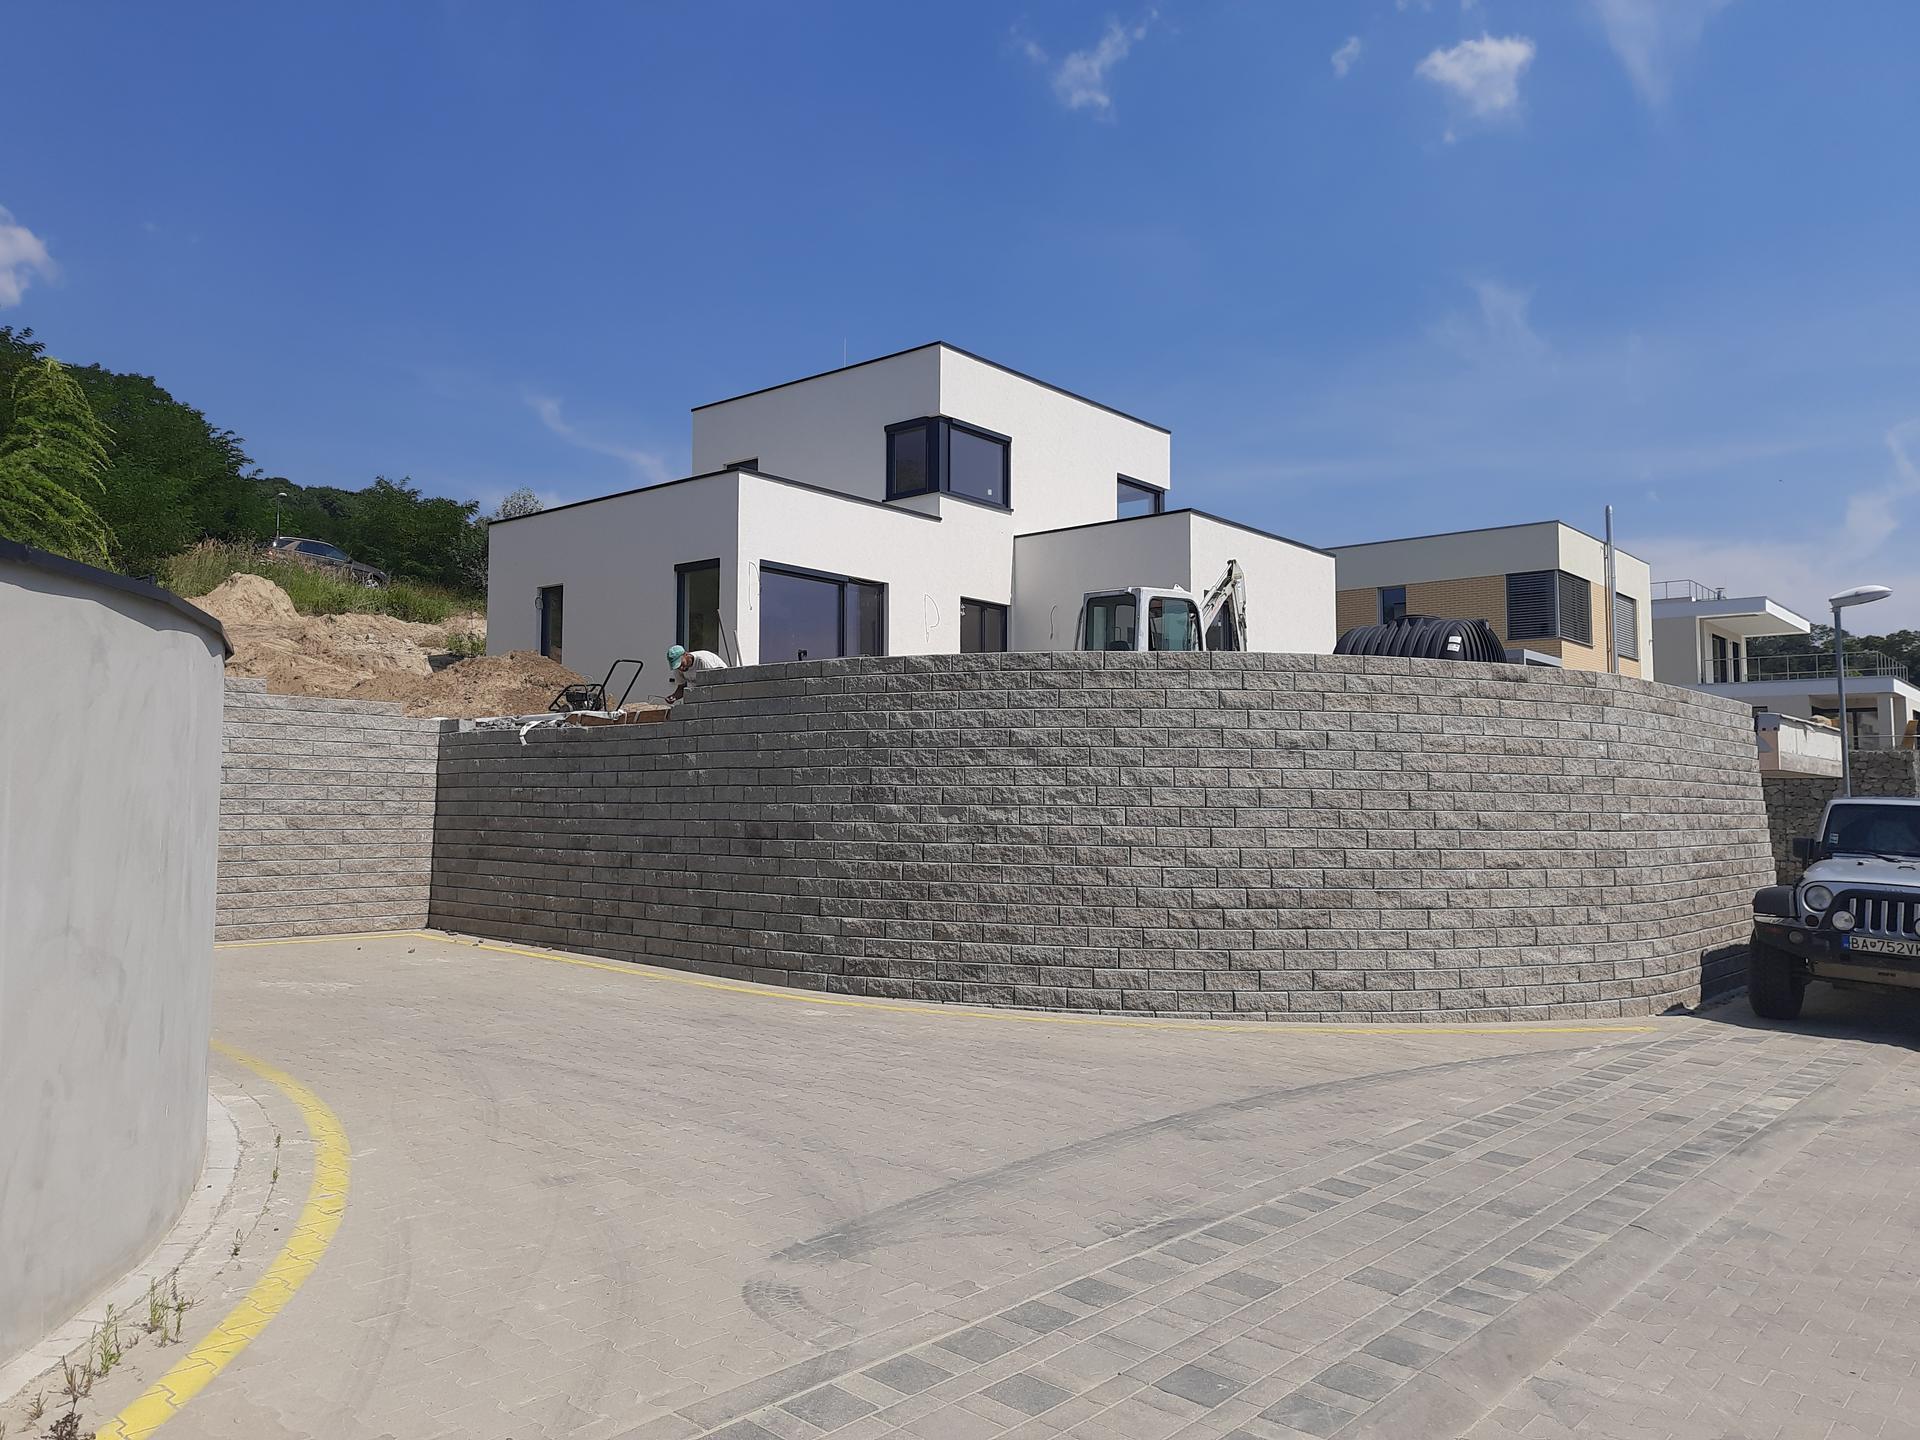 kosto13 - Oporný múr z malých tvárnic so zeminou vystuženou geomrežami, Bratislava - DEvín, 2020